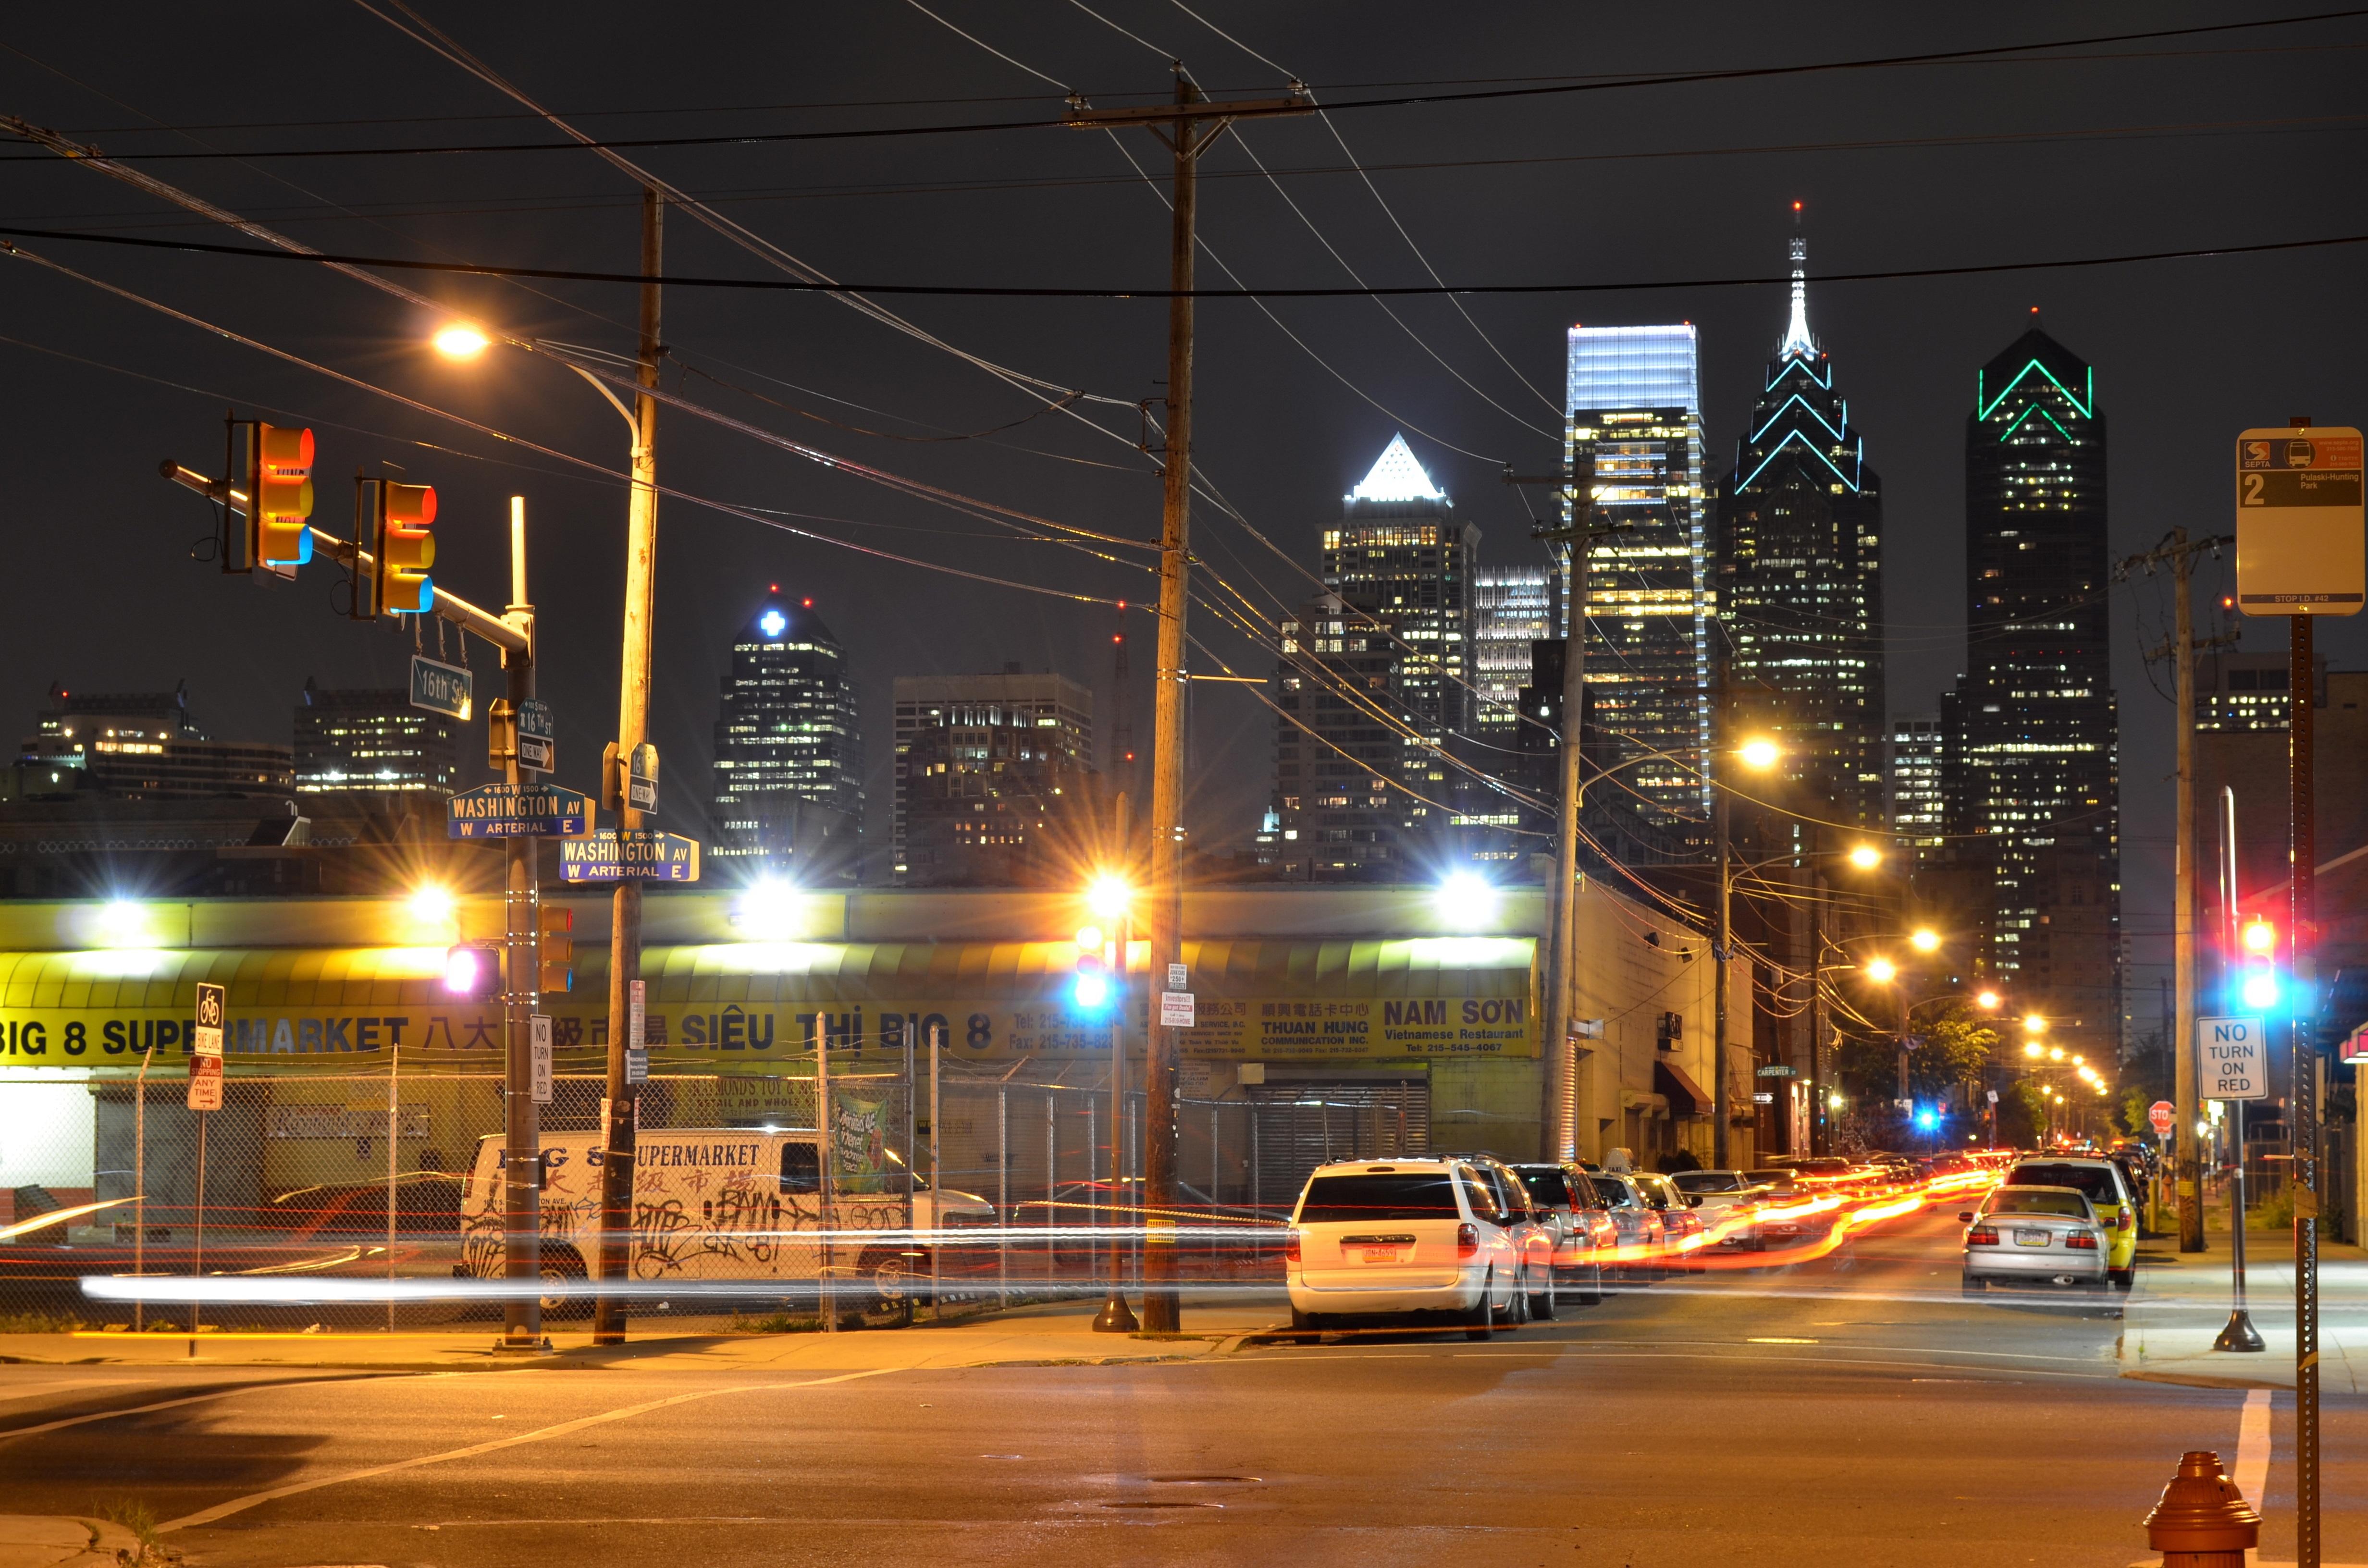 Aglomerație urbană